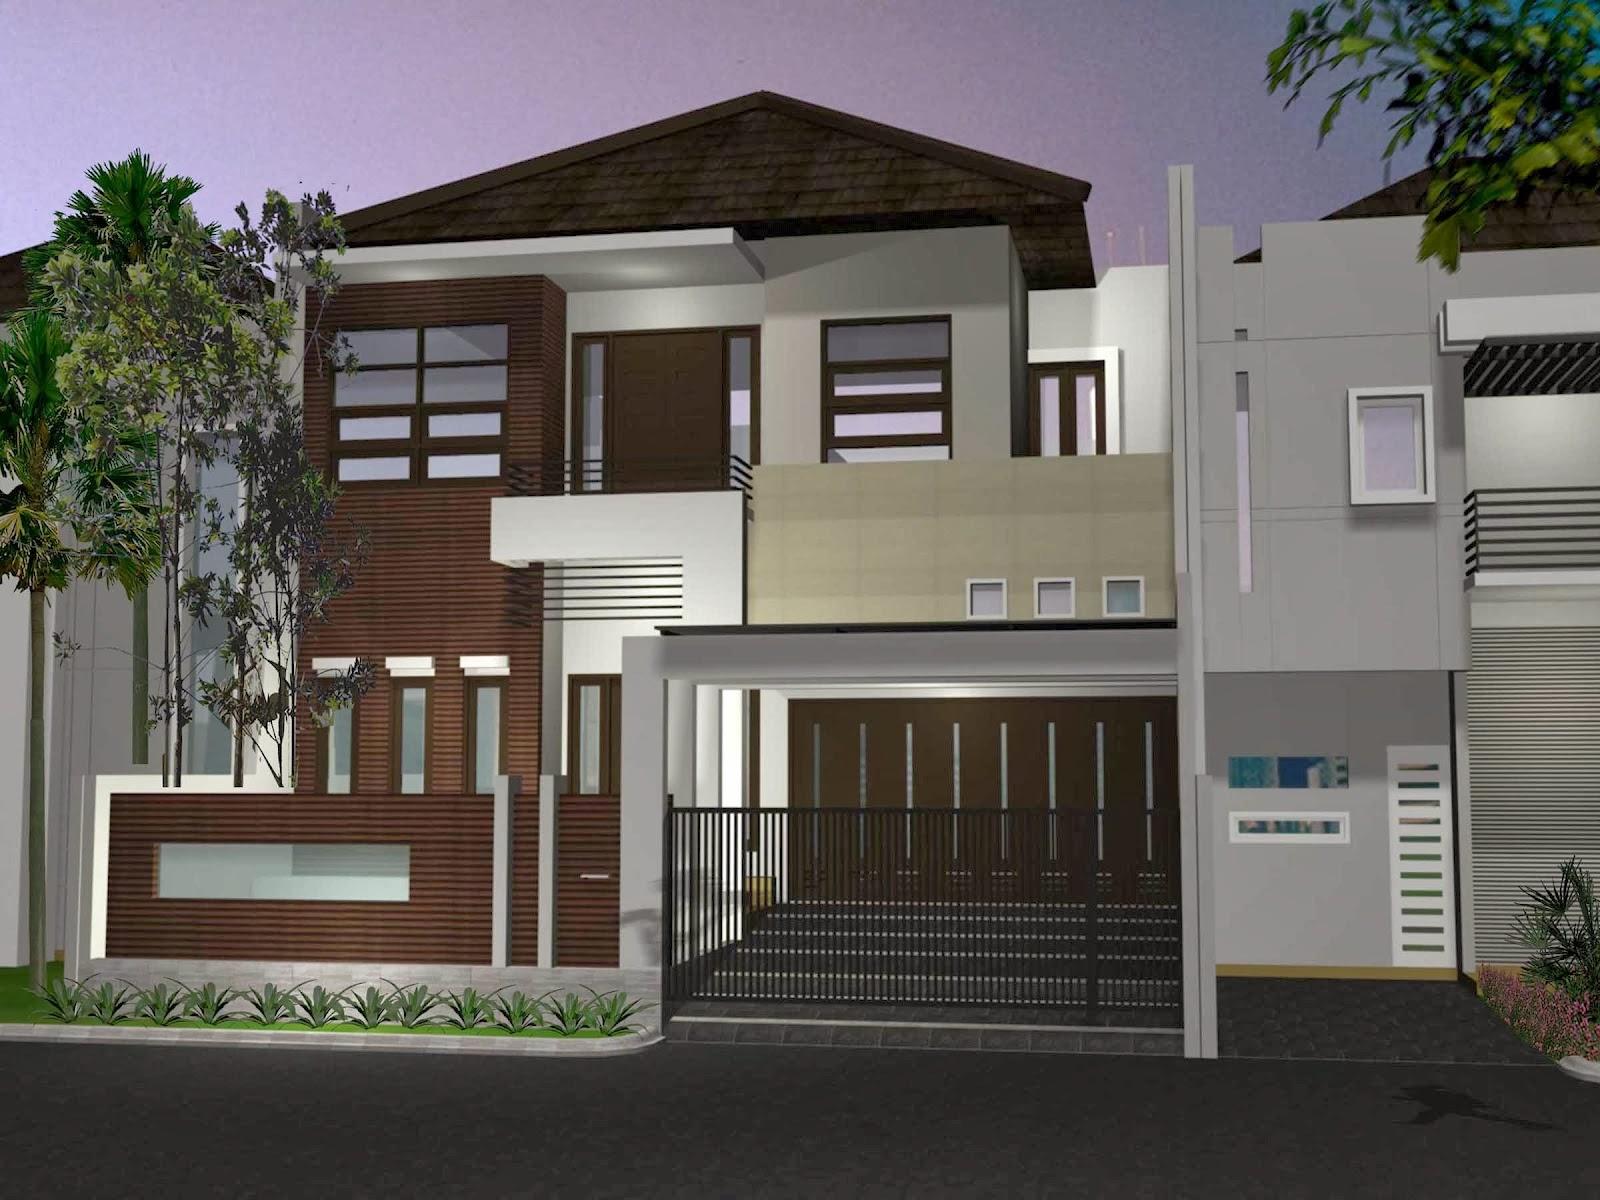 Denah Rumah Minimalis 1 Lantai: Top 15 Gambar Desain Rumah Minimalis Modern 2 Lantai 2014